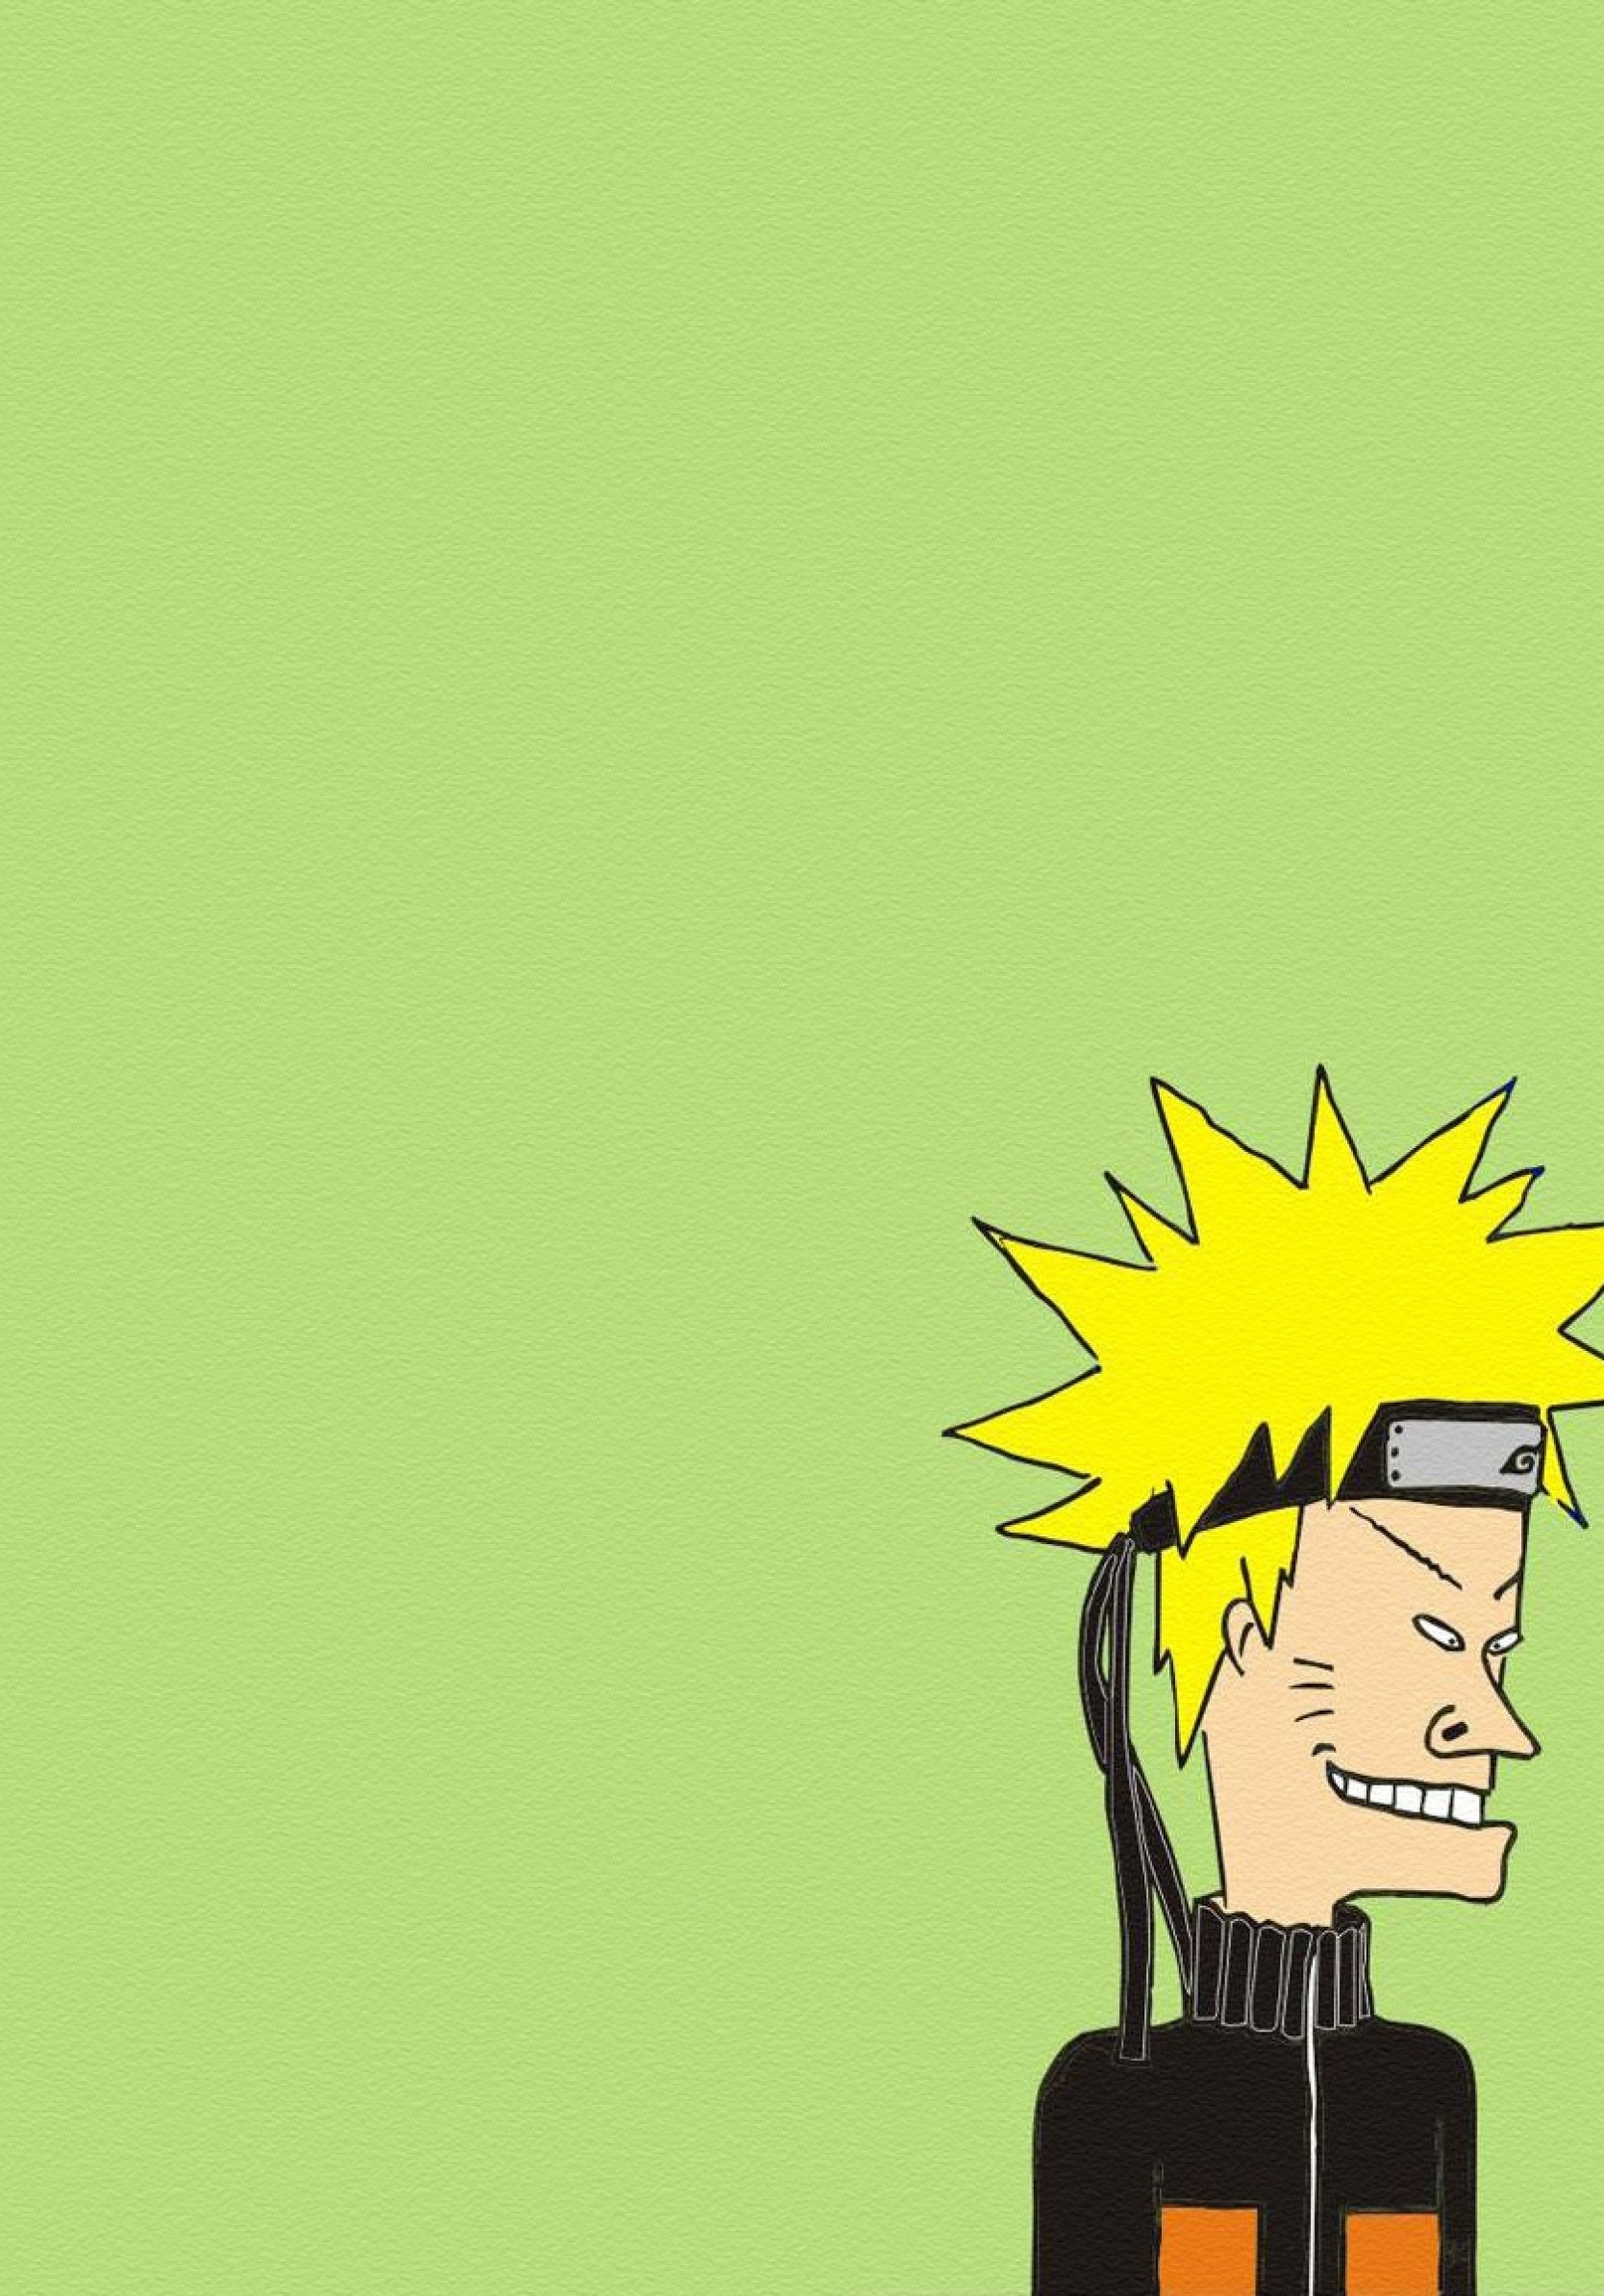 1668x2388 Naruto Beavis And Butt Head Minimalism 1668x2388